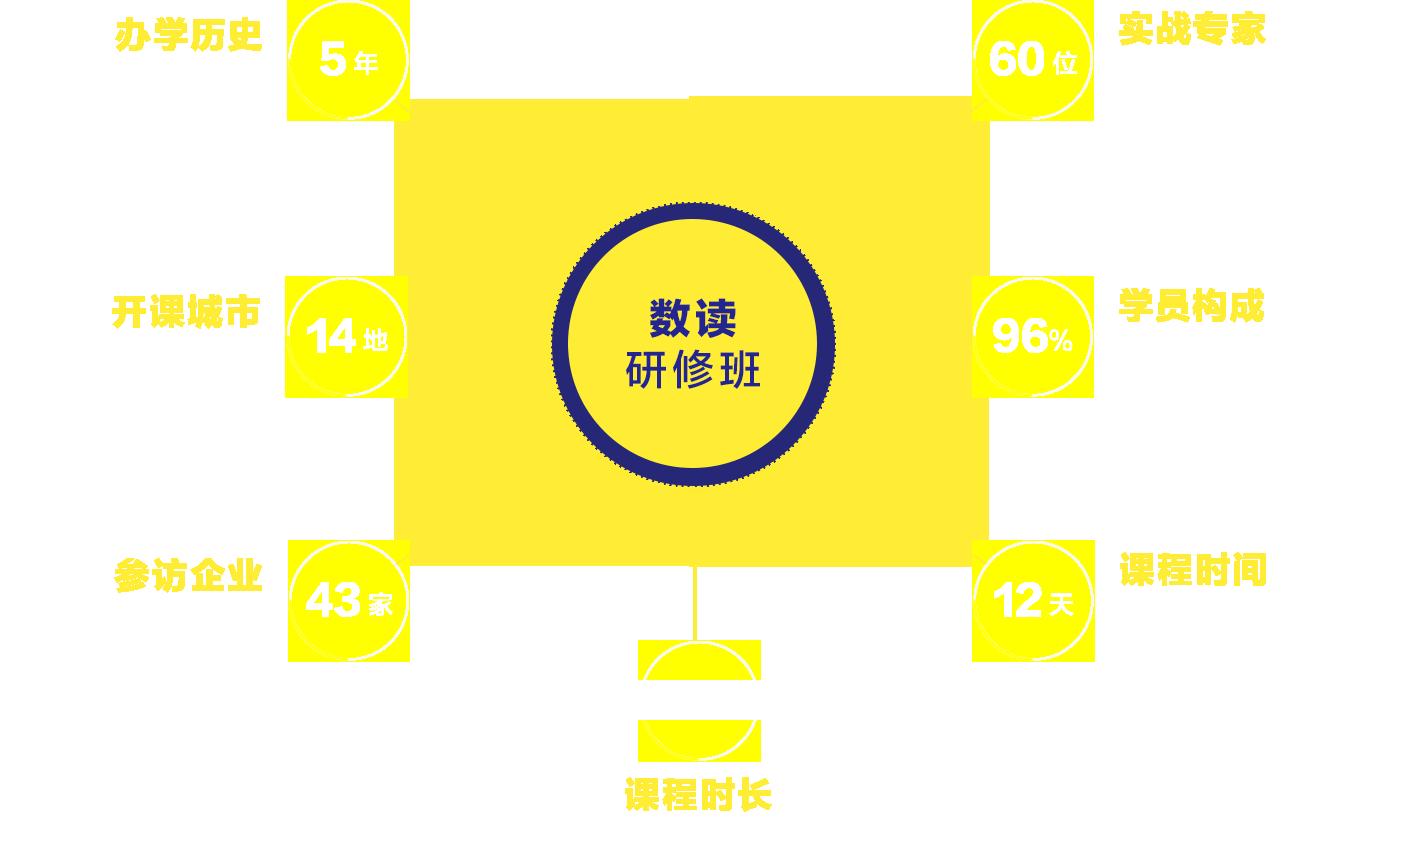 ——供应链管理                     案例:inditex,保时捷,利丰集团